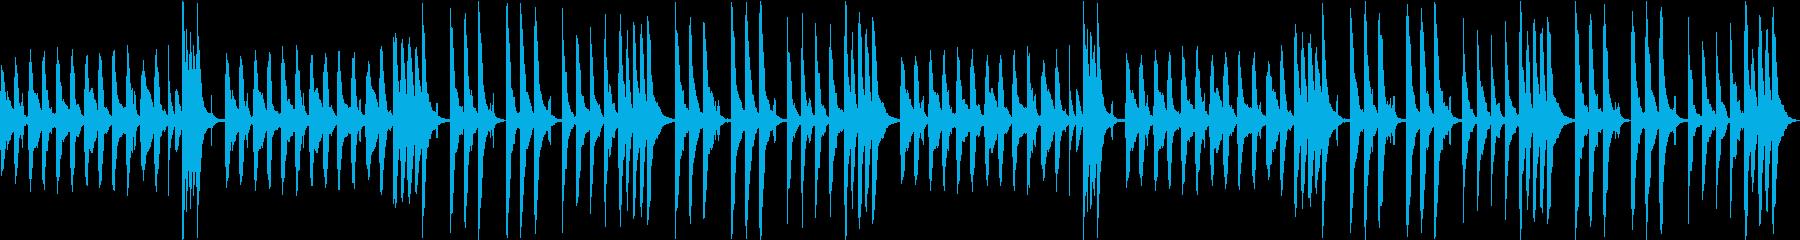 おとぼけ考え中&作業中BGM。ループ可♪の再生済みの波形